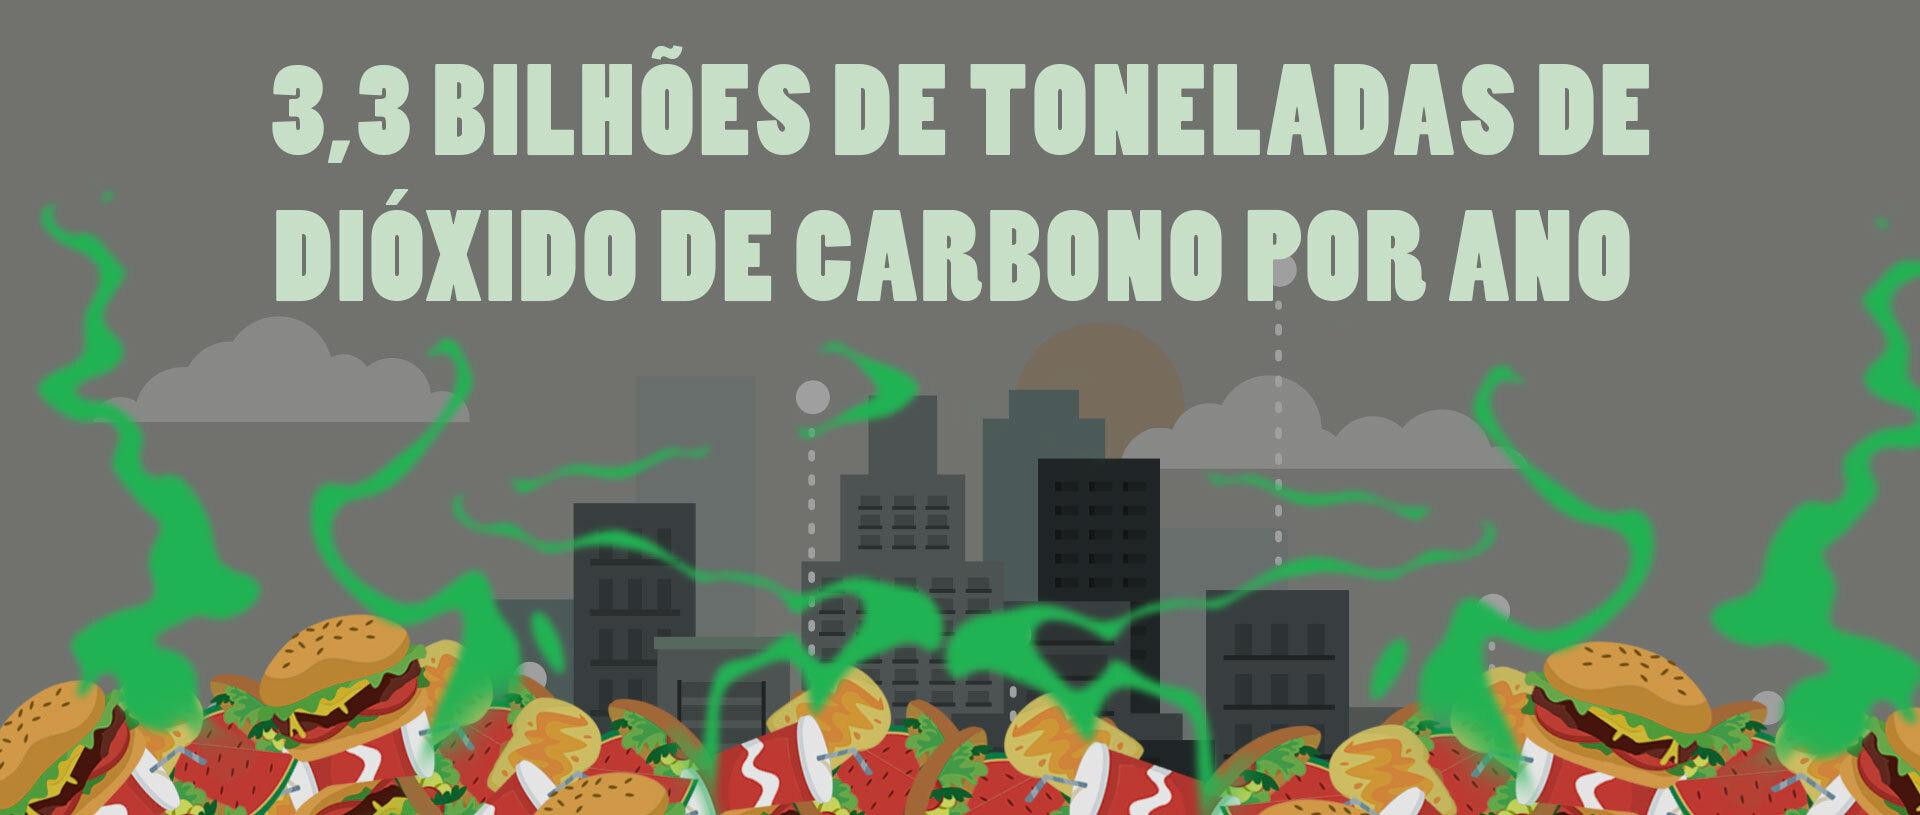 Dióxido de carbono por ano